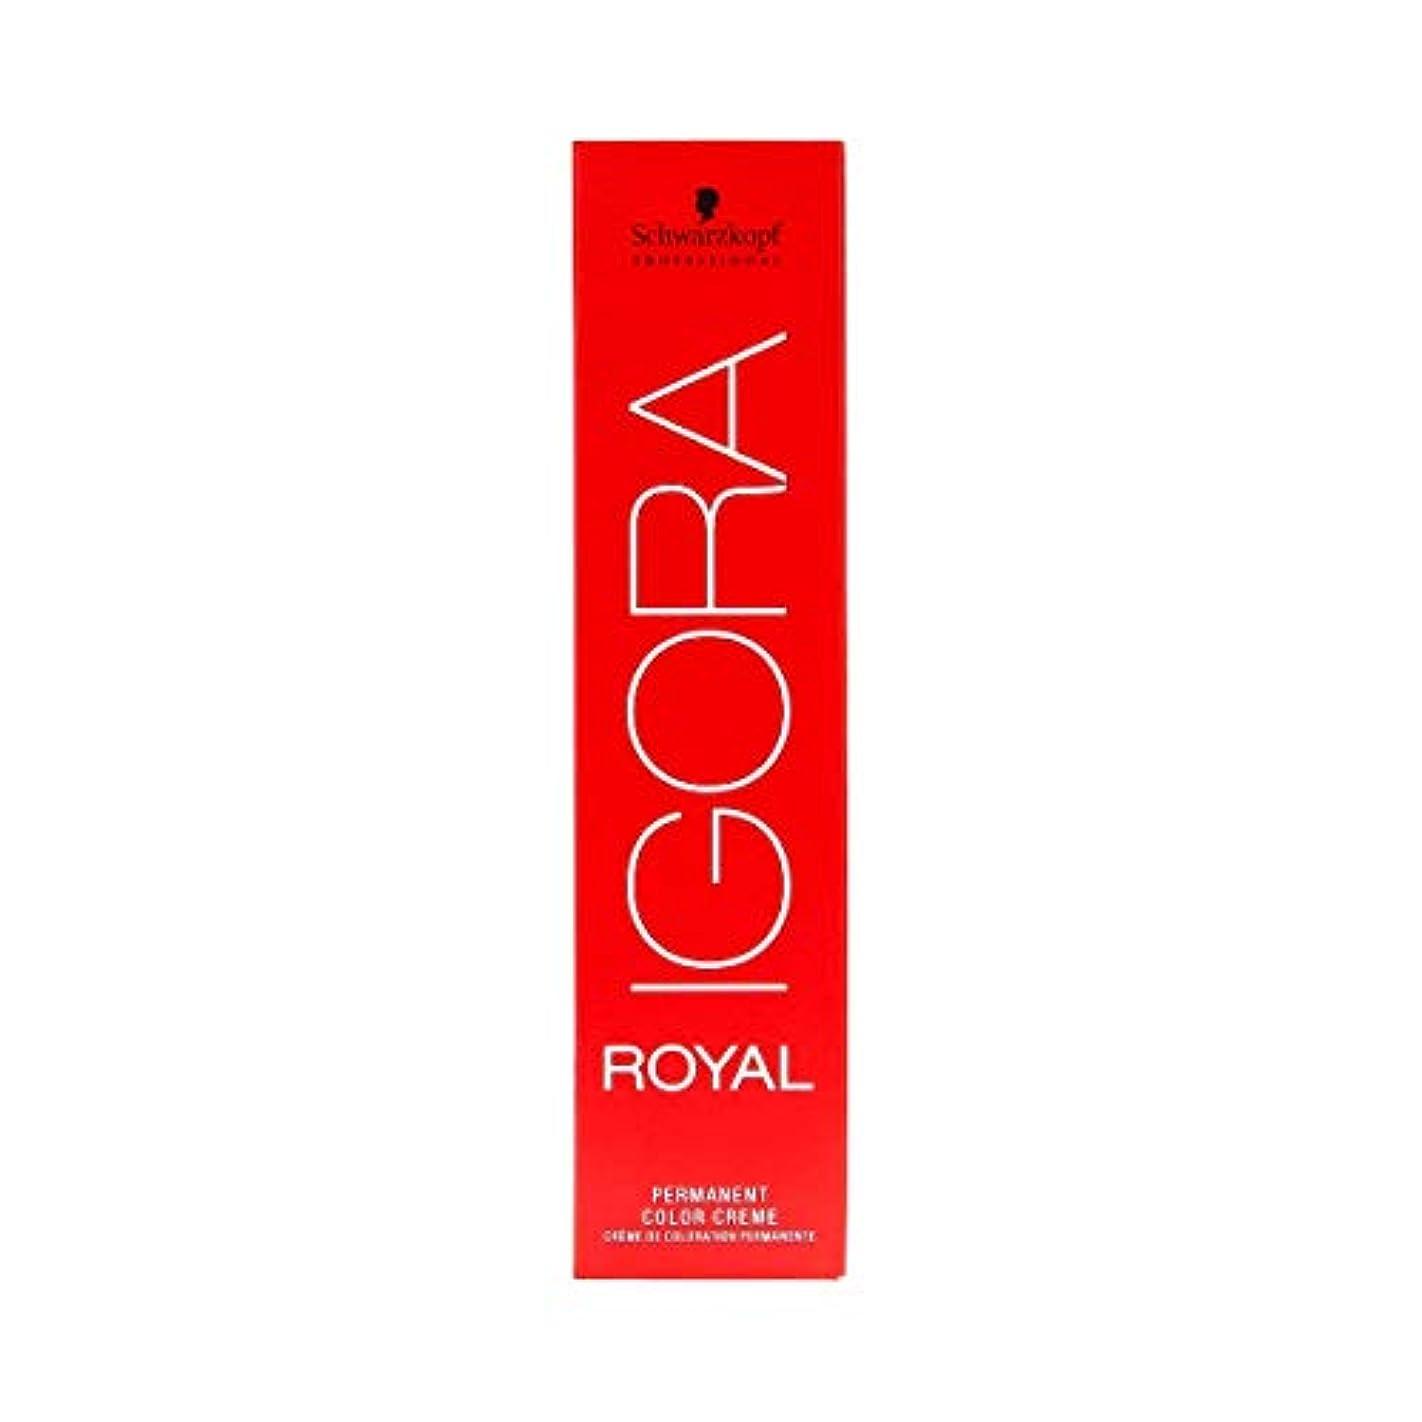 悪用怪しいドックシュワルツコフ IGORA ロイヤル8-77パーマネントカラークリーム60ml[海外直送品] [並行輸入品]